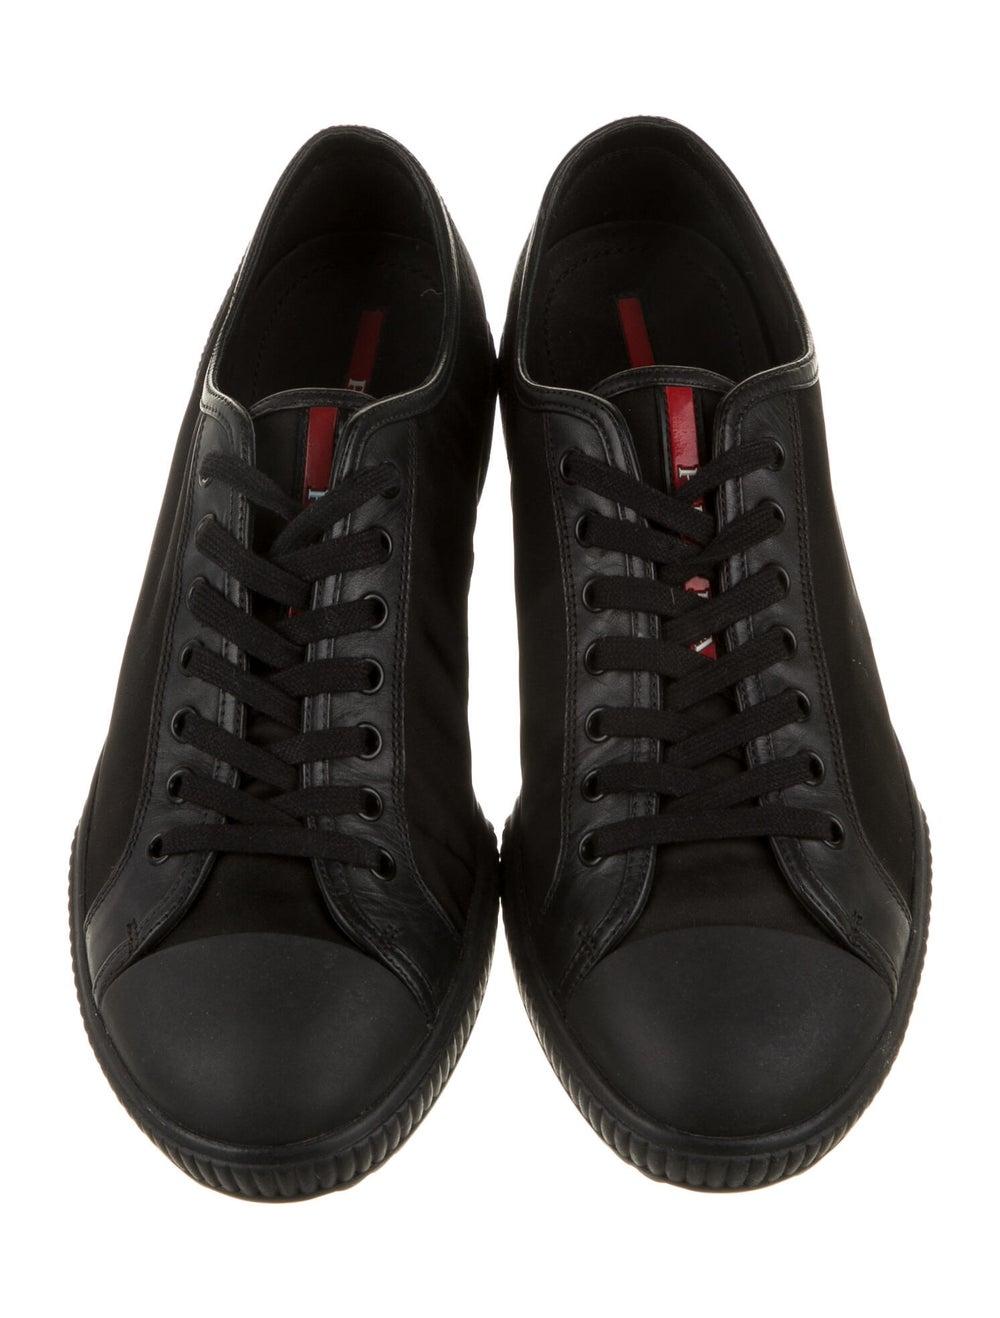 Prada Sport Sneakers Black - image 3